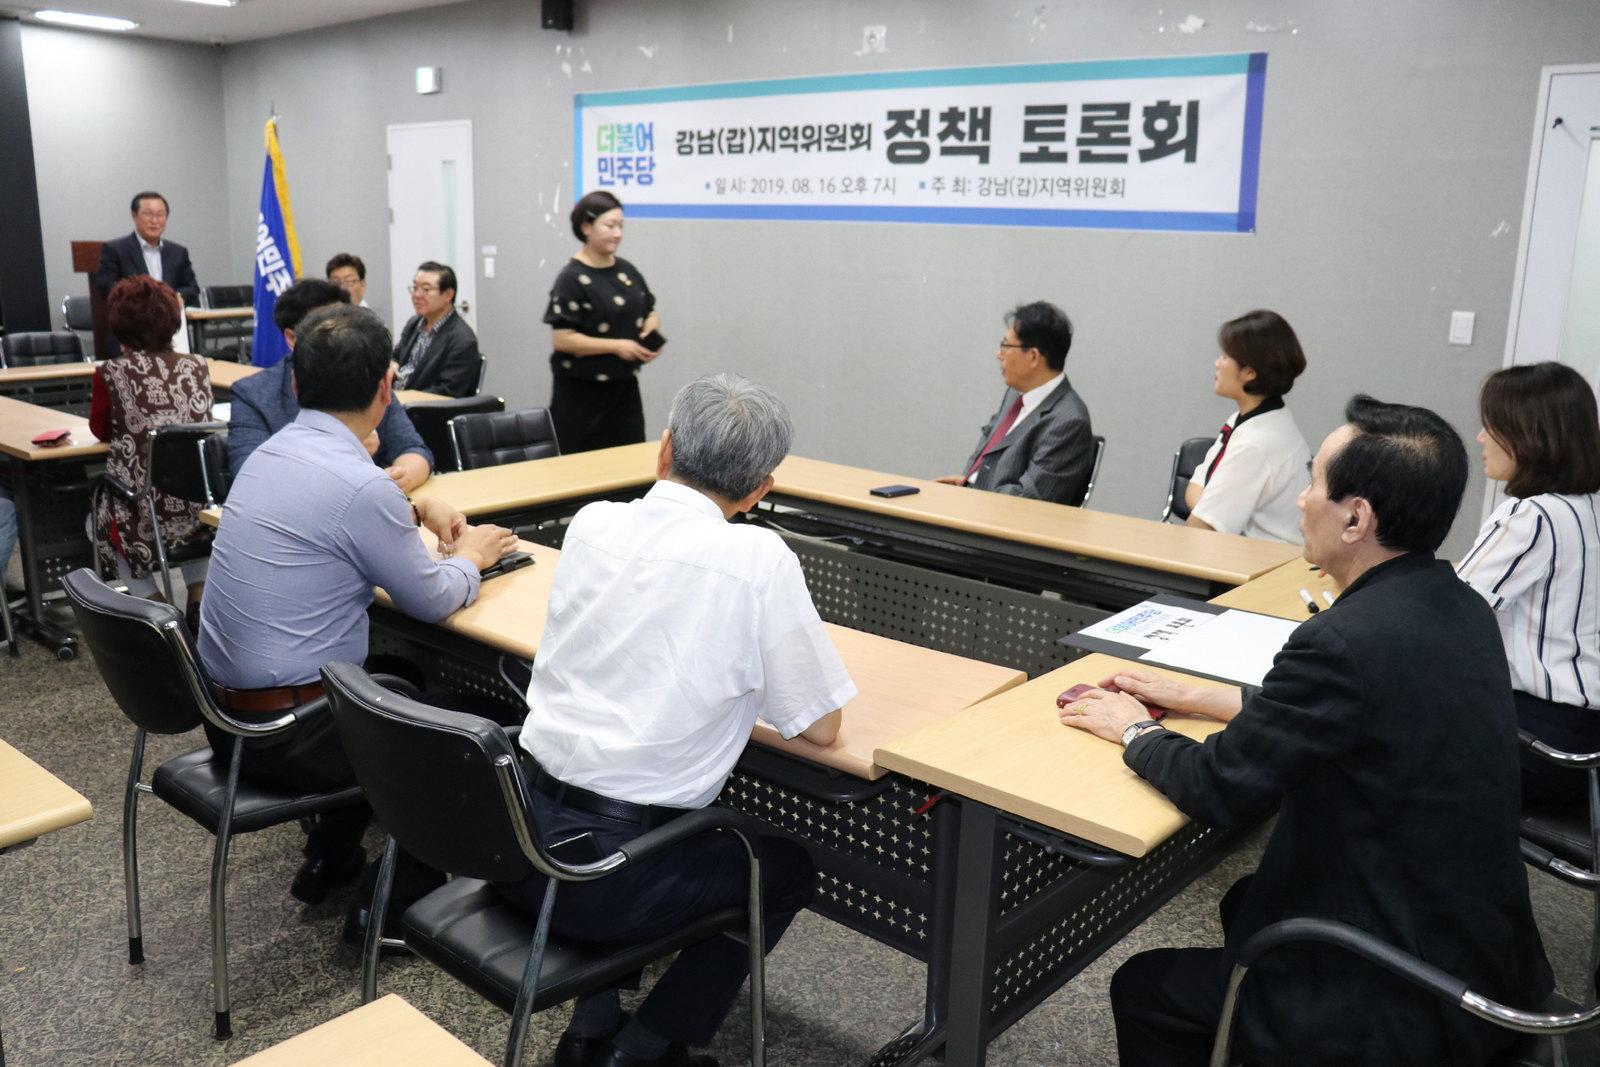 김성곤_민주당_강남갑지역위원회2019-08월_정책토론회001